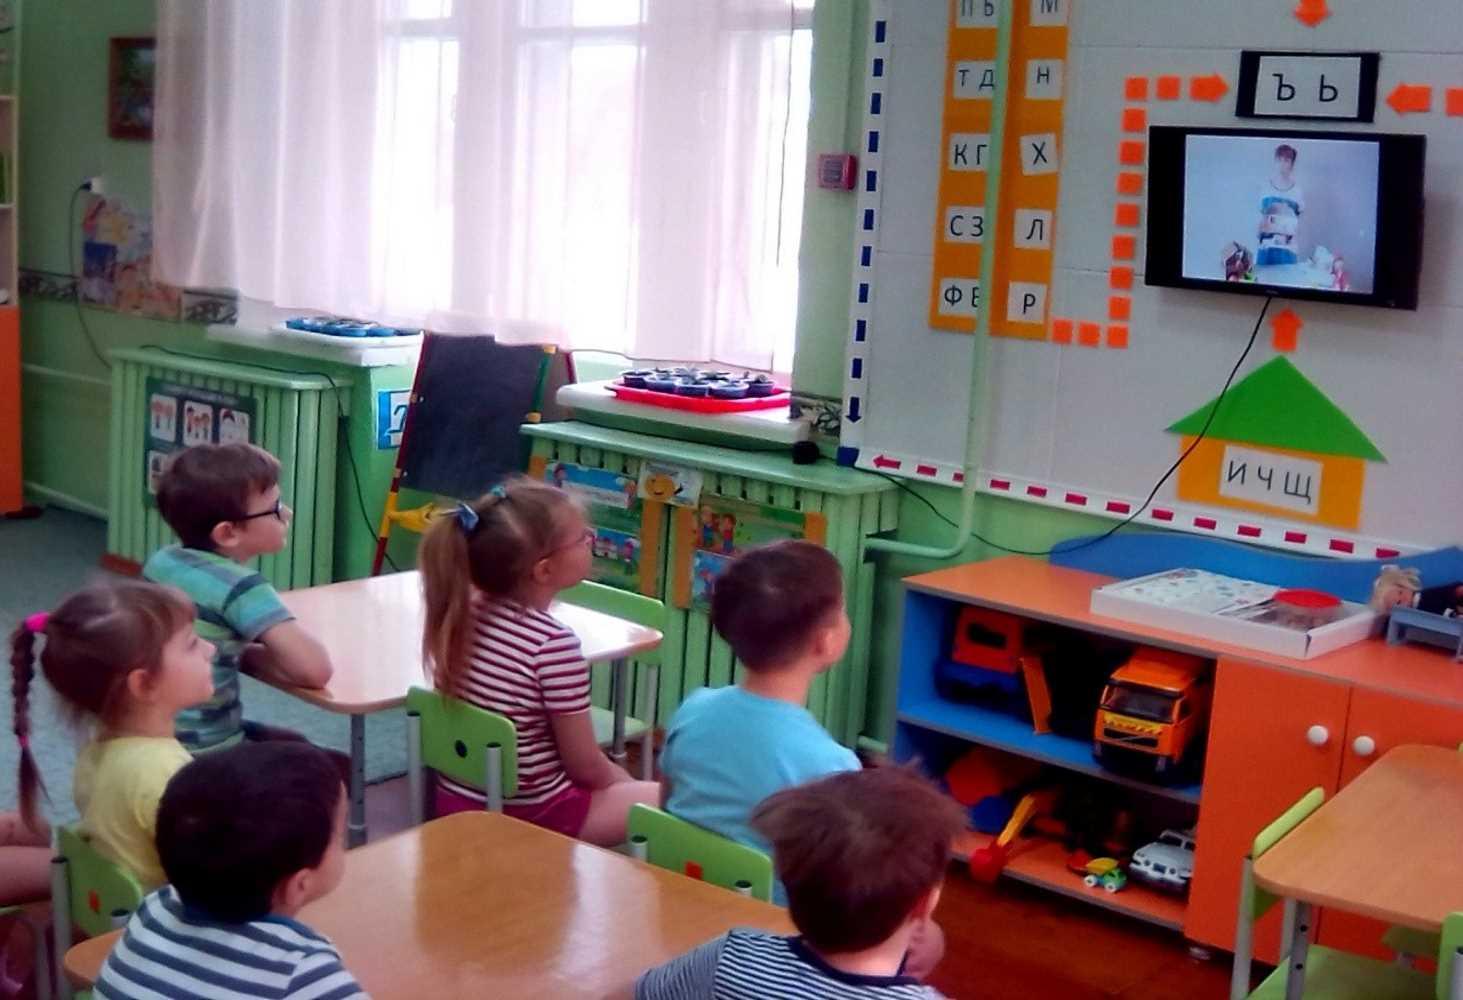 online-translatsii-kak-roditeli-doshkolnikov-uchastvujut-v-vospitanii-detej